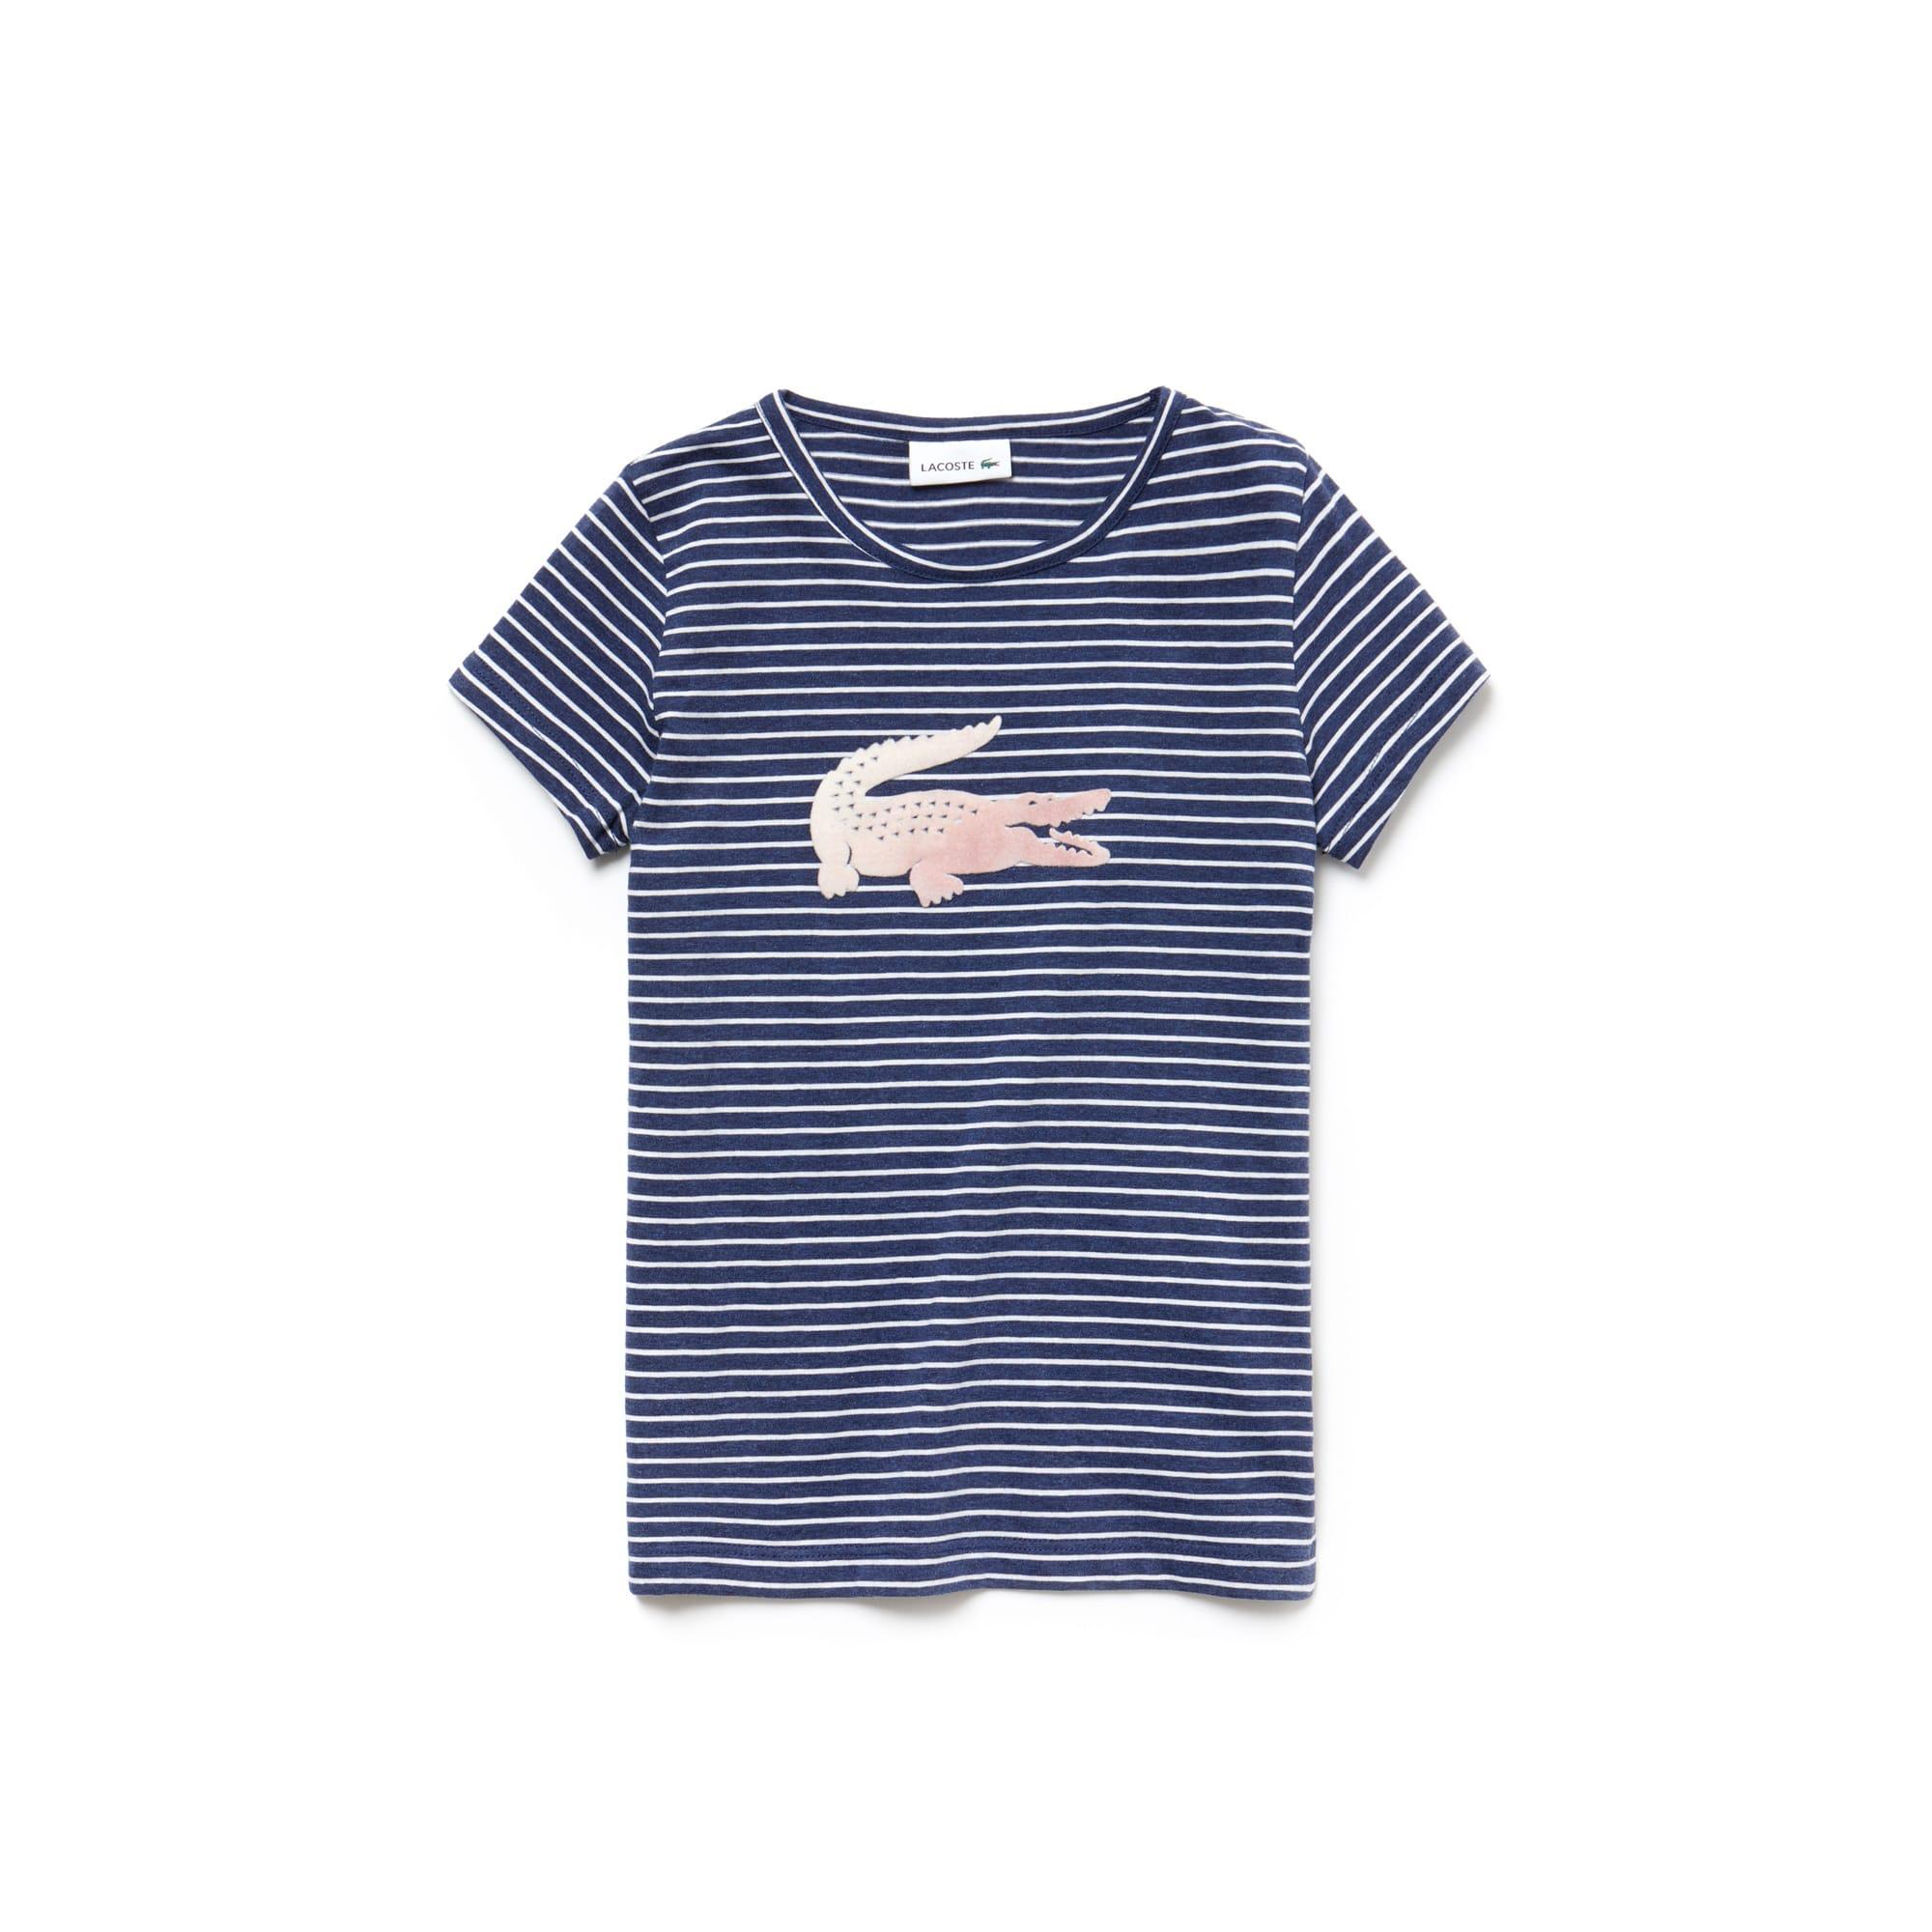 Mädchen Rundhals-T-Shirt aus Jersey mit großem Krokodil